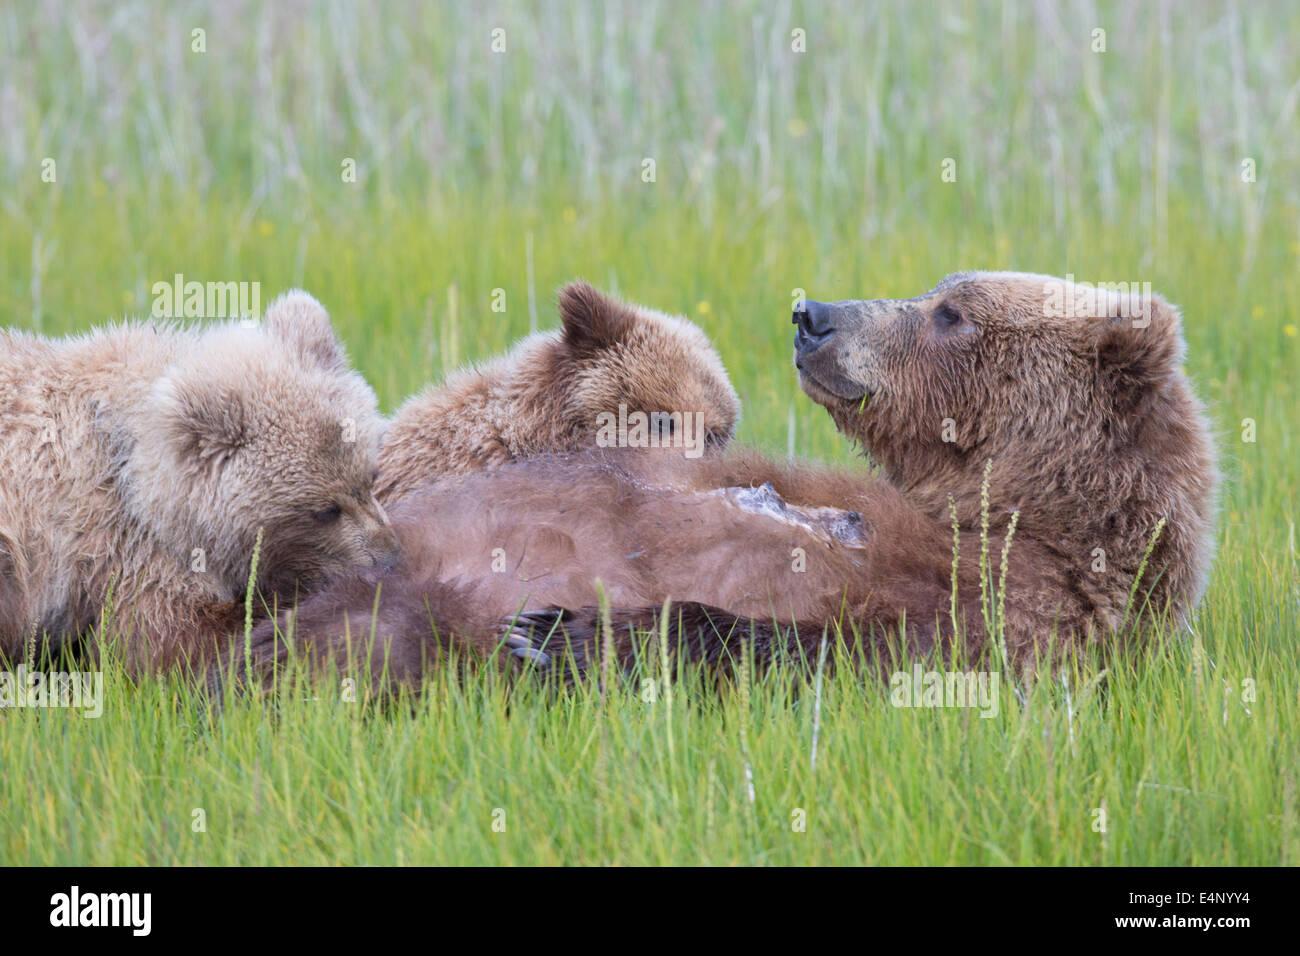 Grizzly Bear cubs el cochinillo en prado herboso Foto de stock